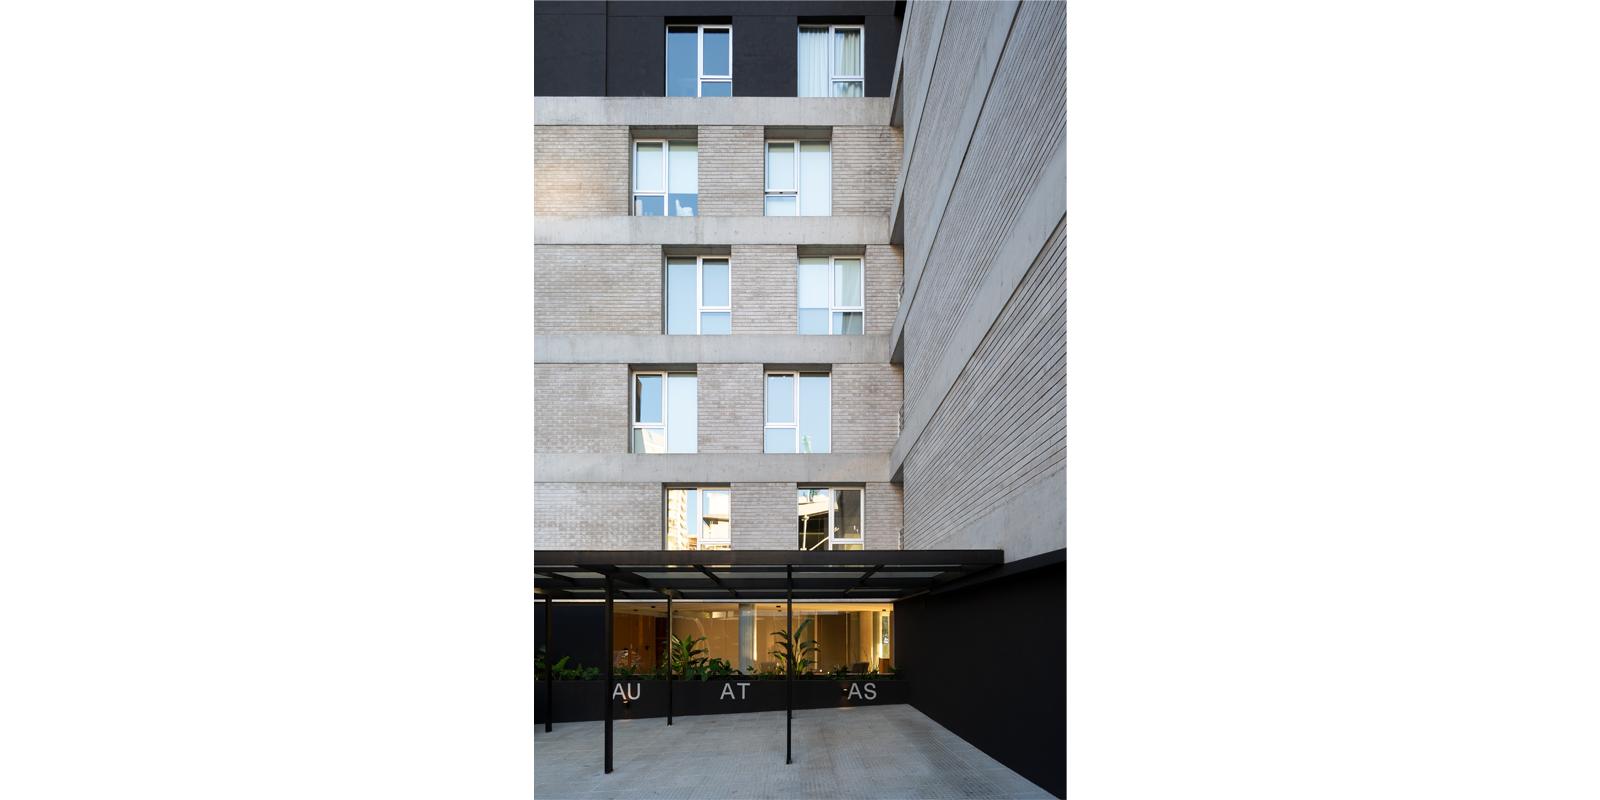 ProyectoC_Arquitectos_Portfolio_05_Arenales